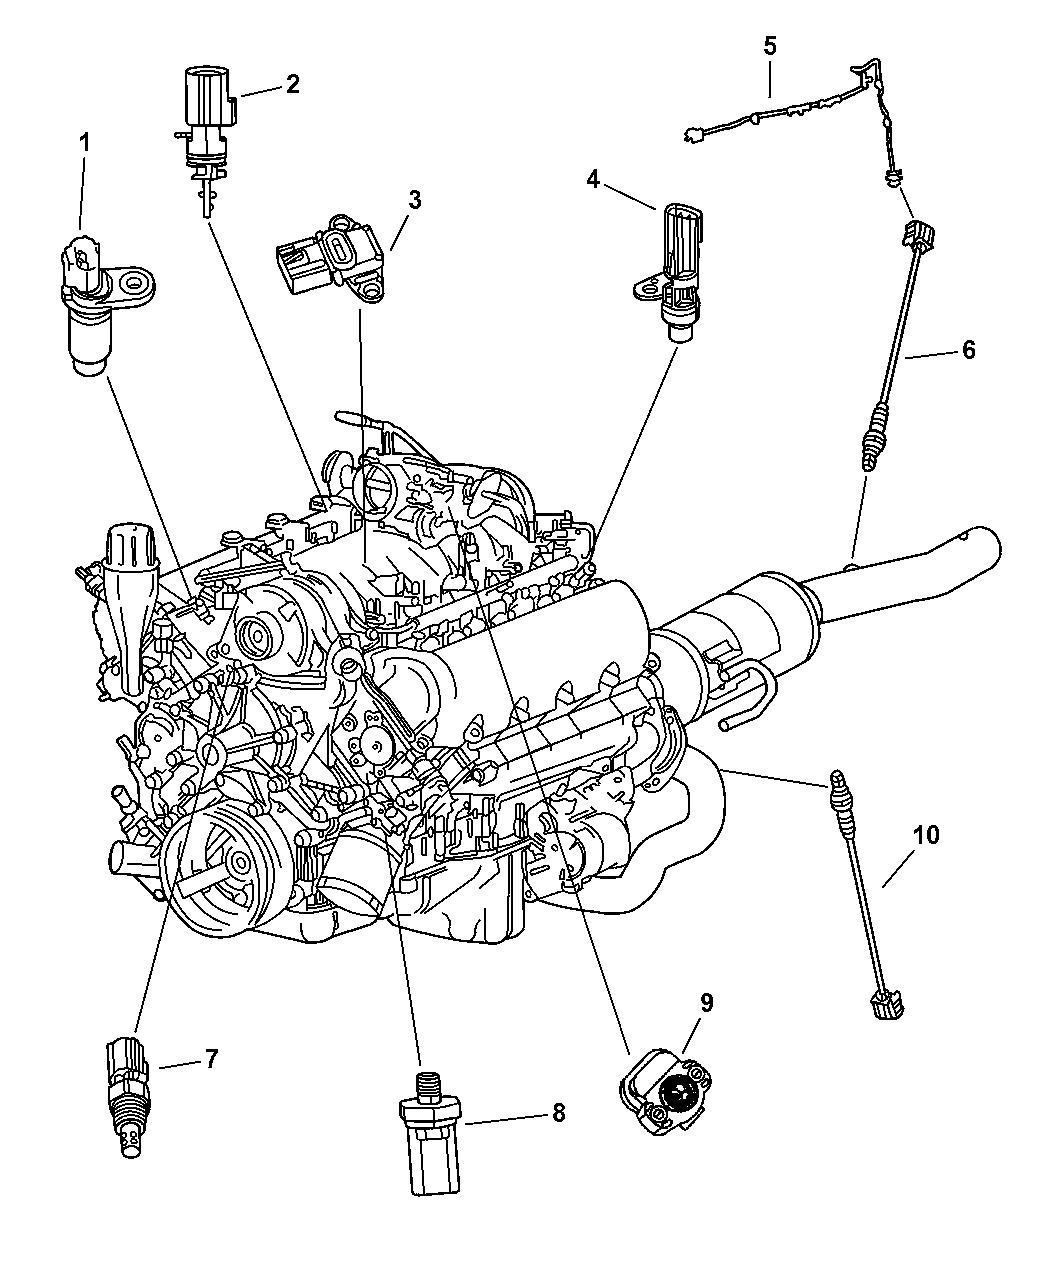 Dodge Durango Sensors